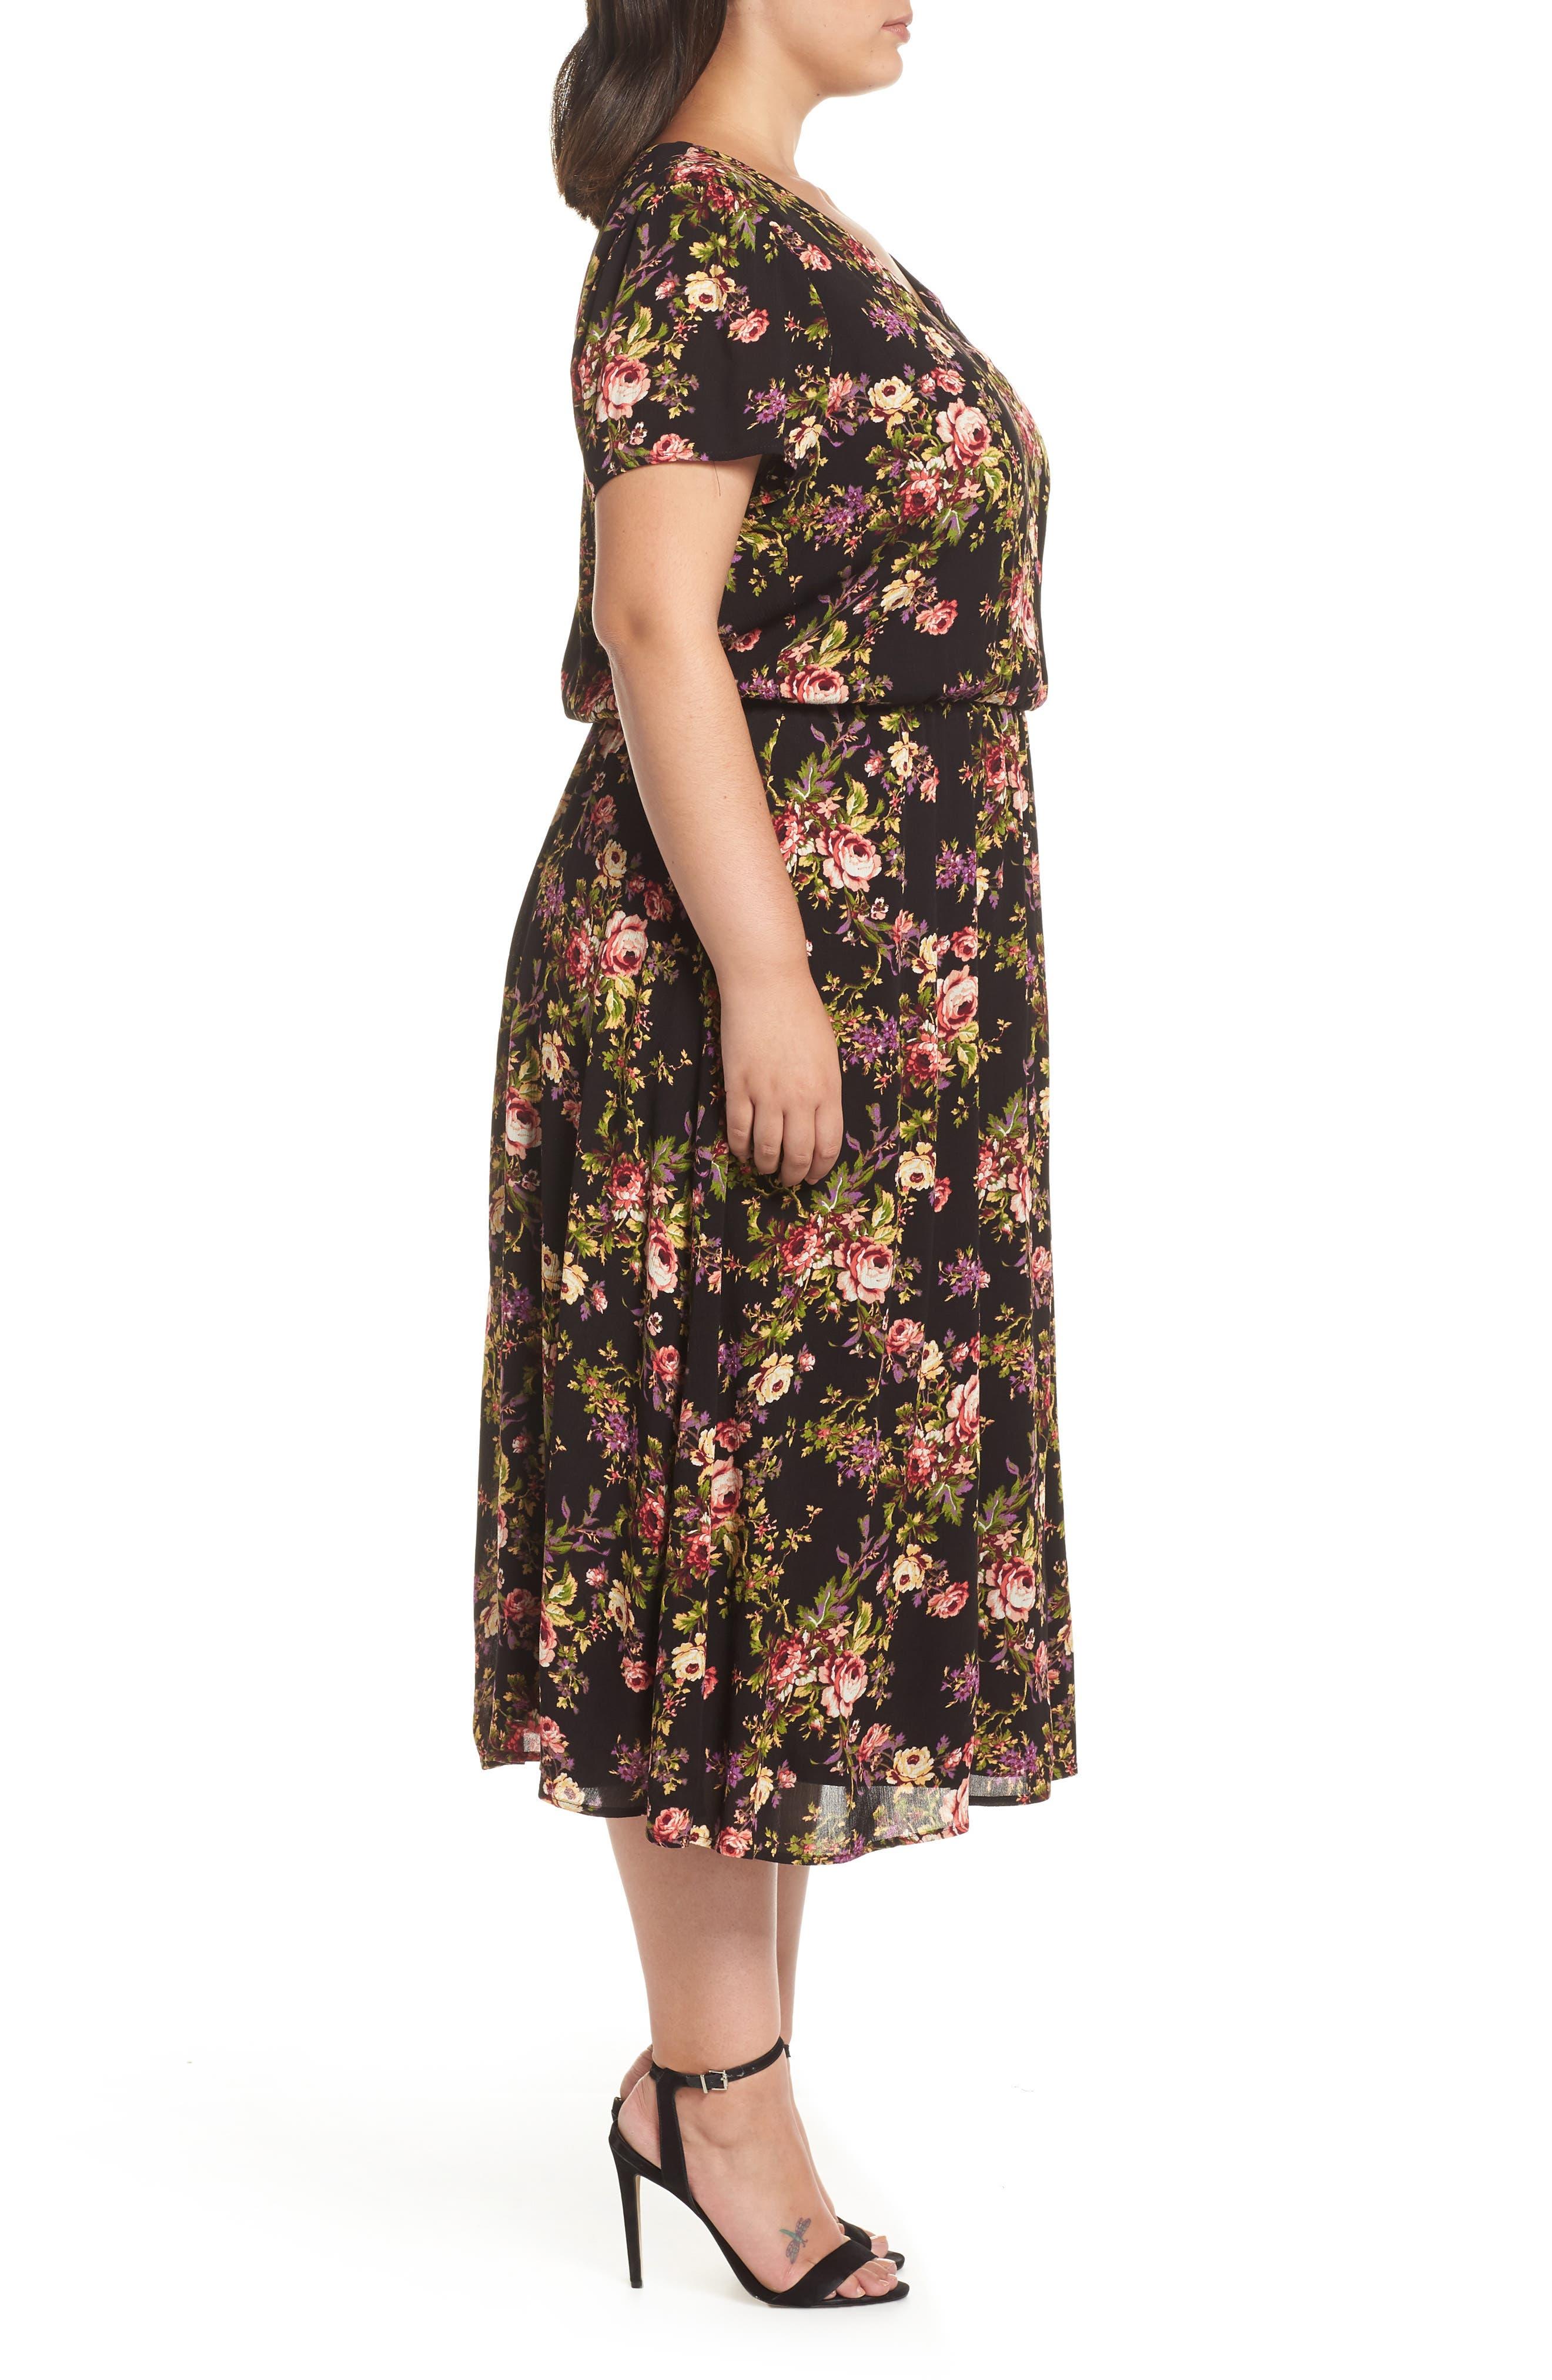 Blouson Midi Dress,                             Alternate thumbnail 3, color,                             BLACK TAPESTRY FLORAL